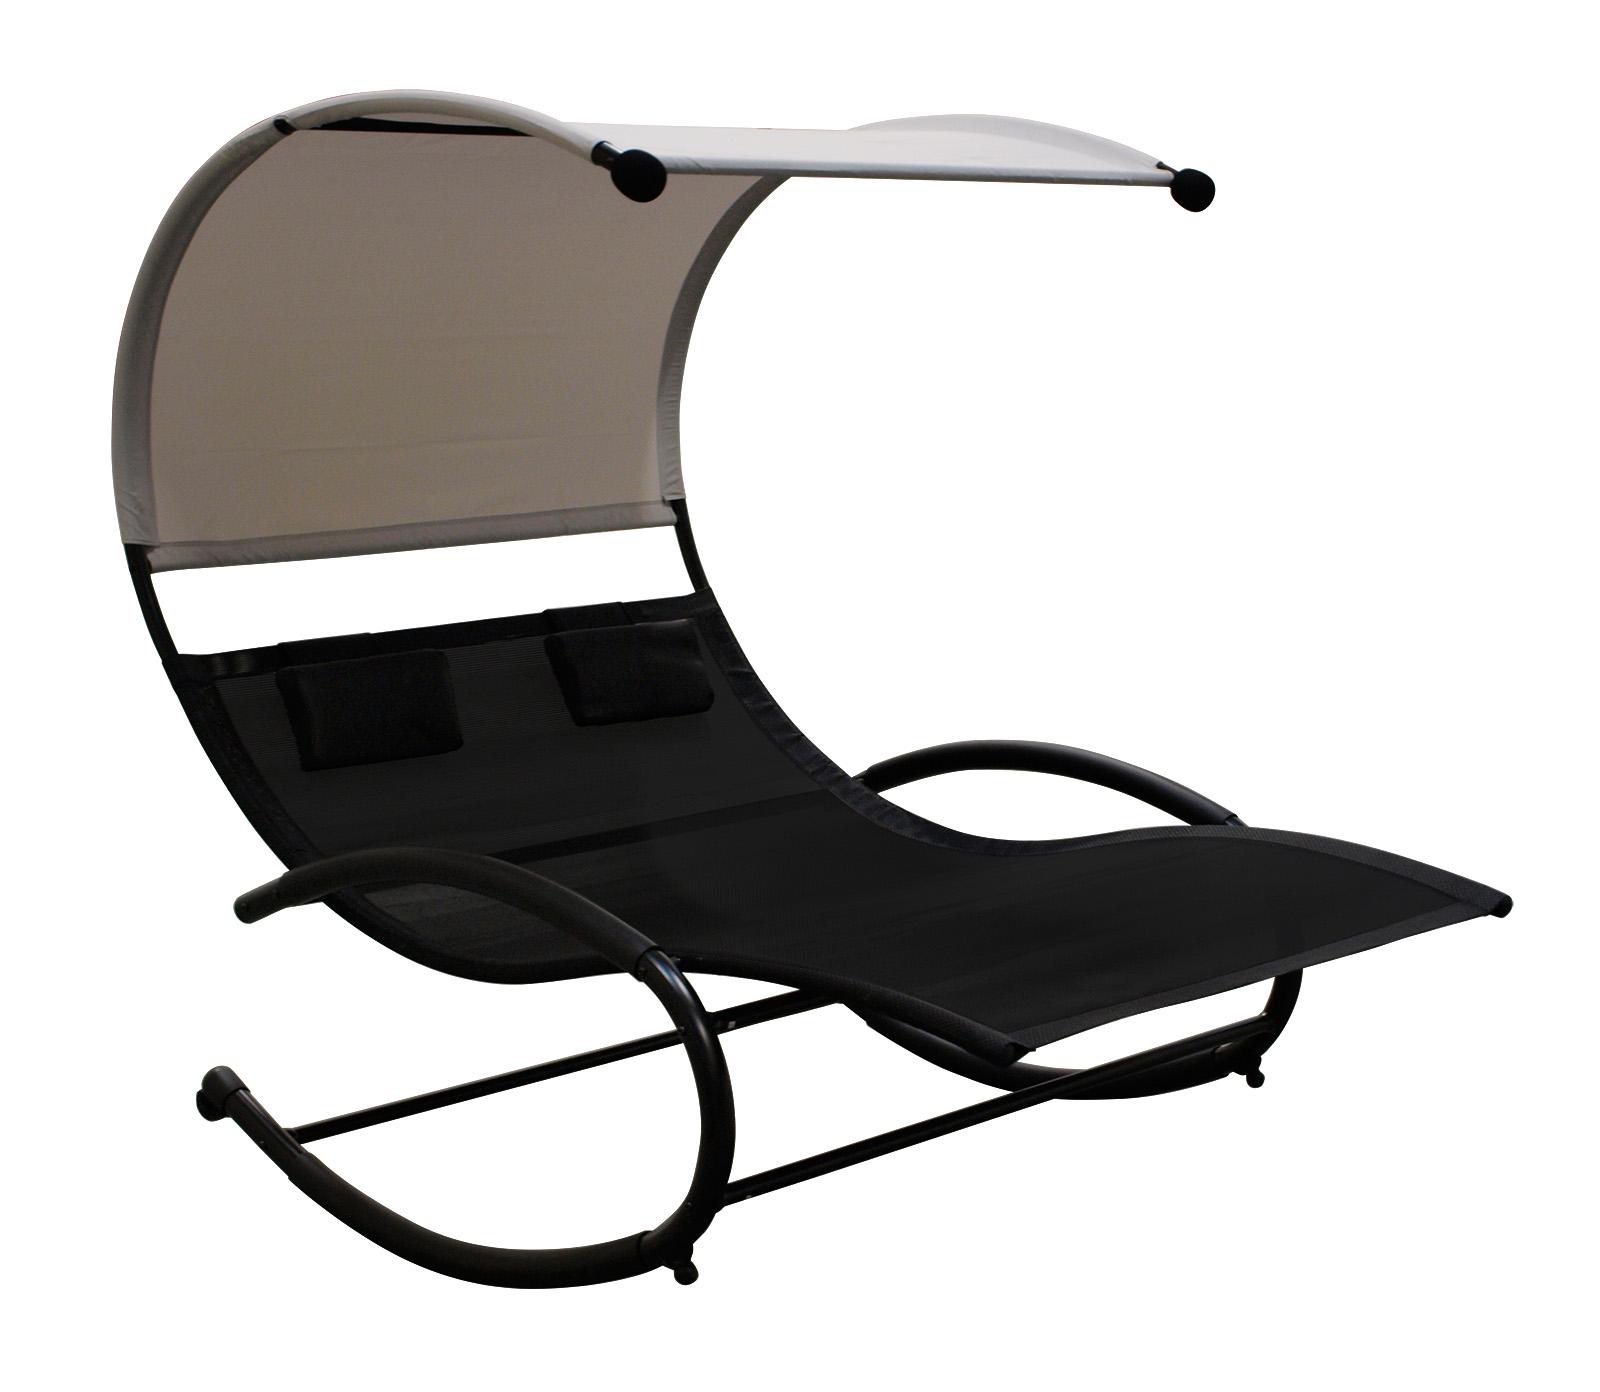 schaukelliege liegebett sonnenliege ravenna f r 2 personen schwarz 2 wahl ebay. Black Bedroom Furniture Sets. Home Design Ideas